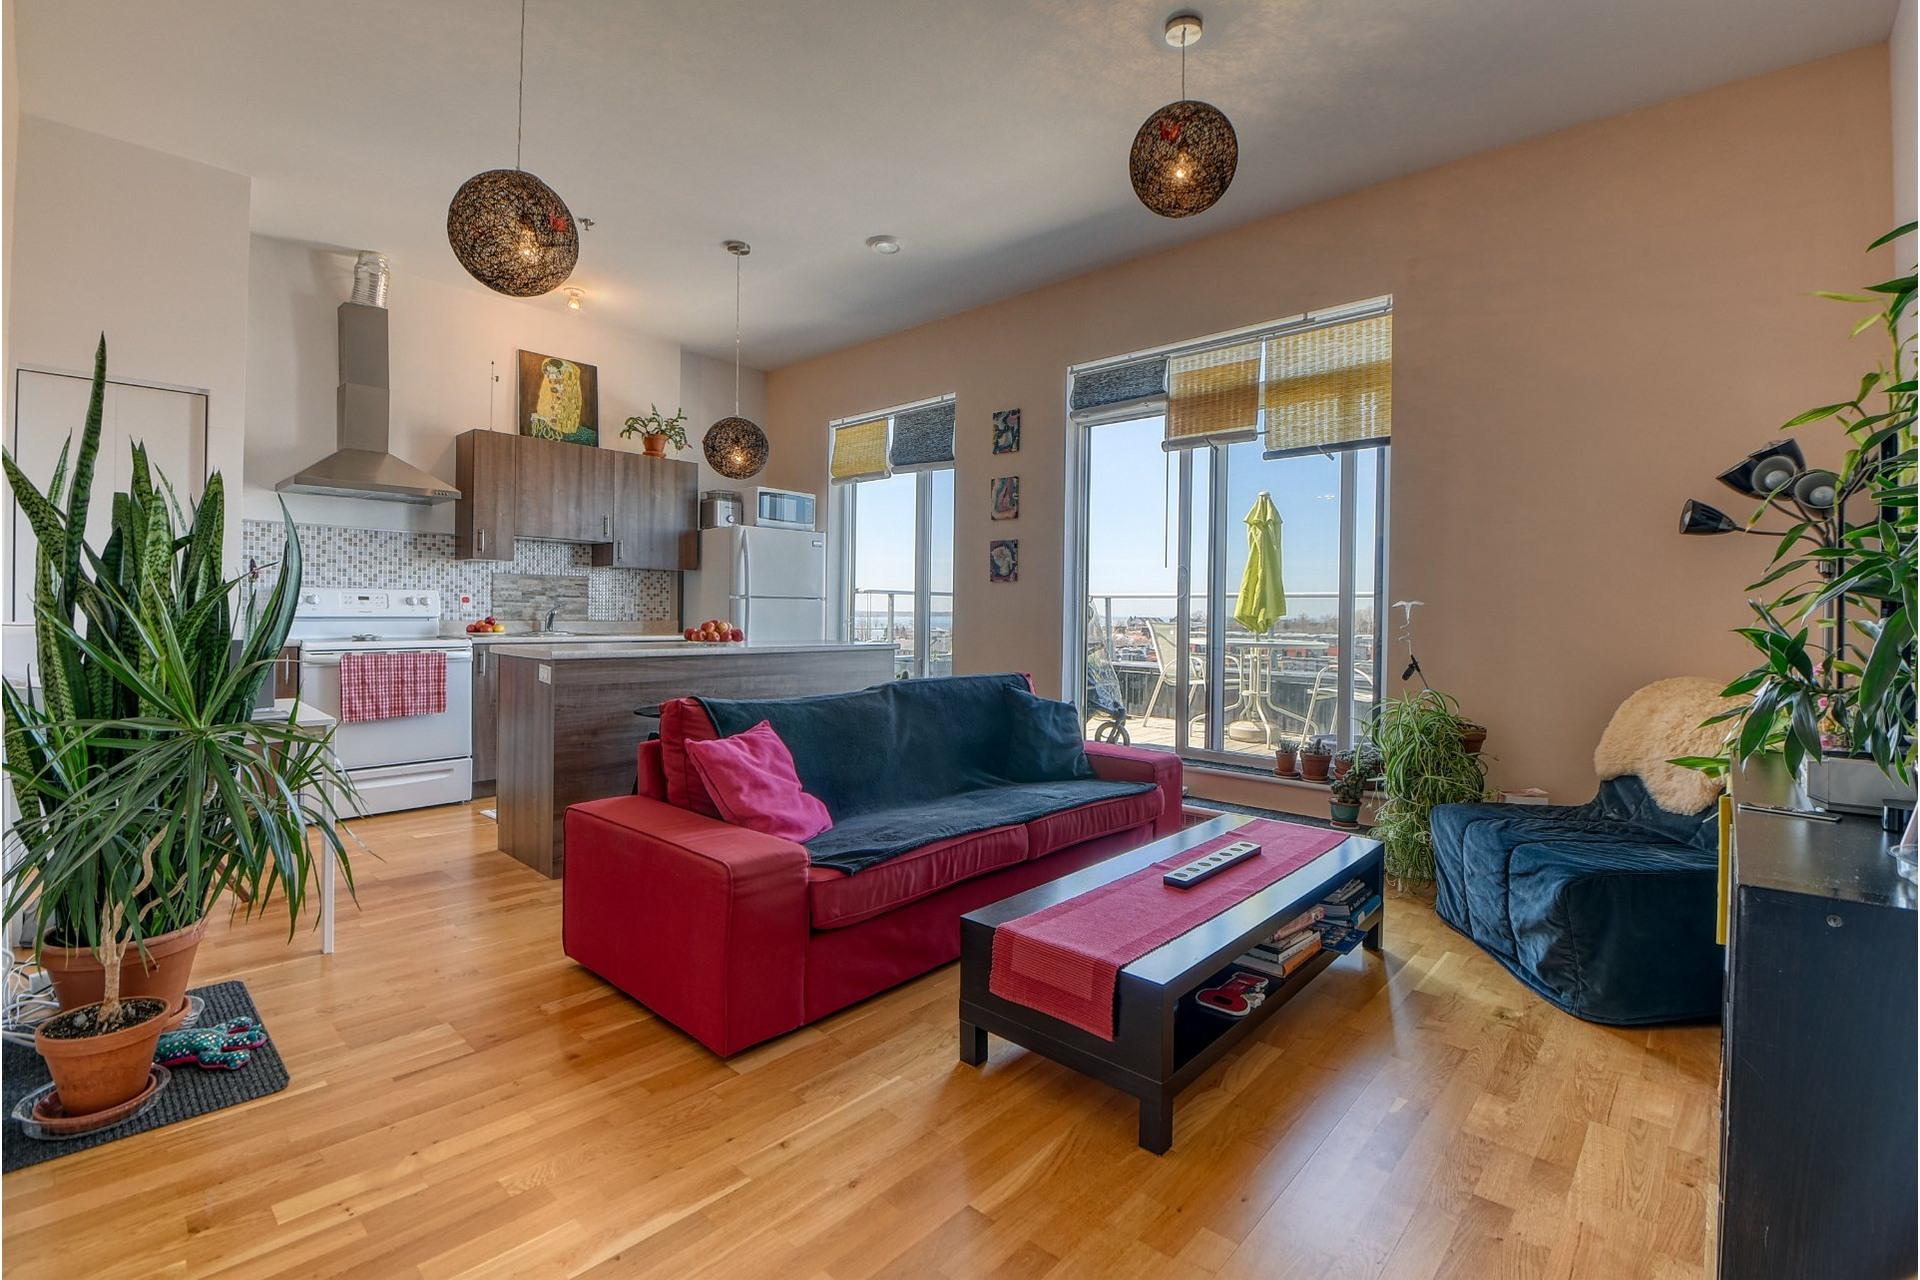 image 2 - Appartement À vendre Lachine Montréal  - 6 pièces